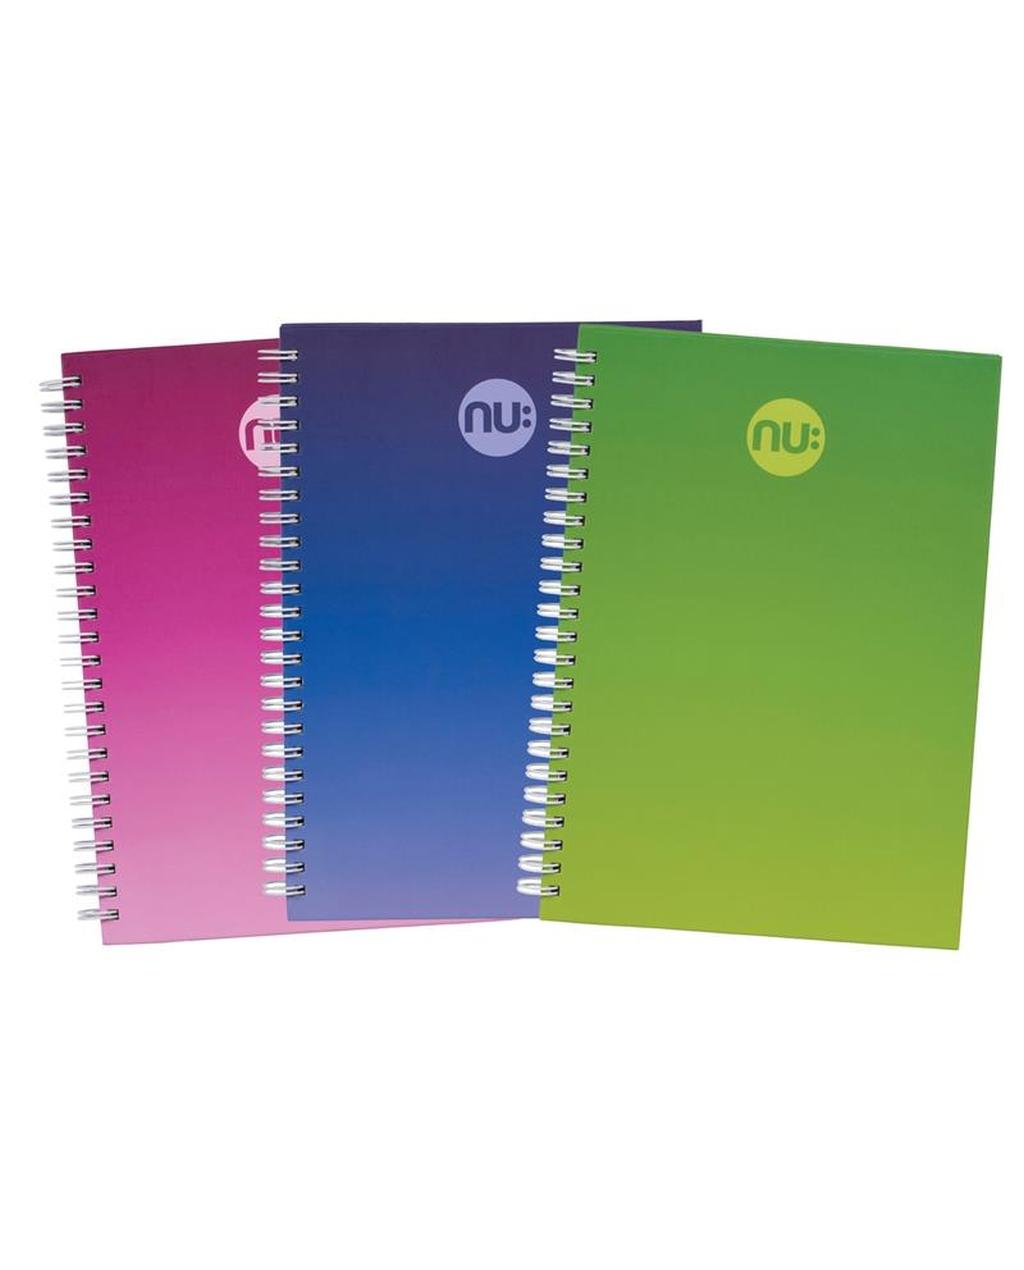 A4 NU: Era Three Tone Notebooks